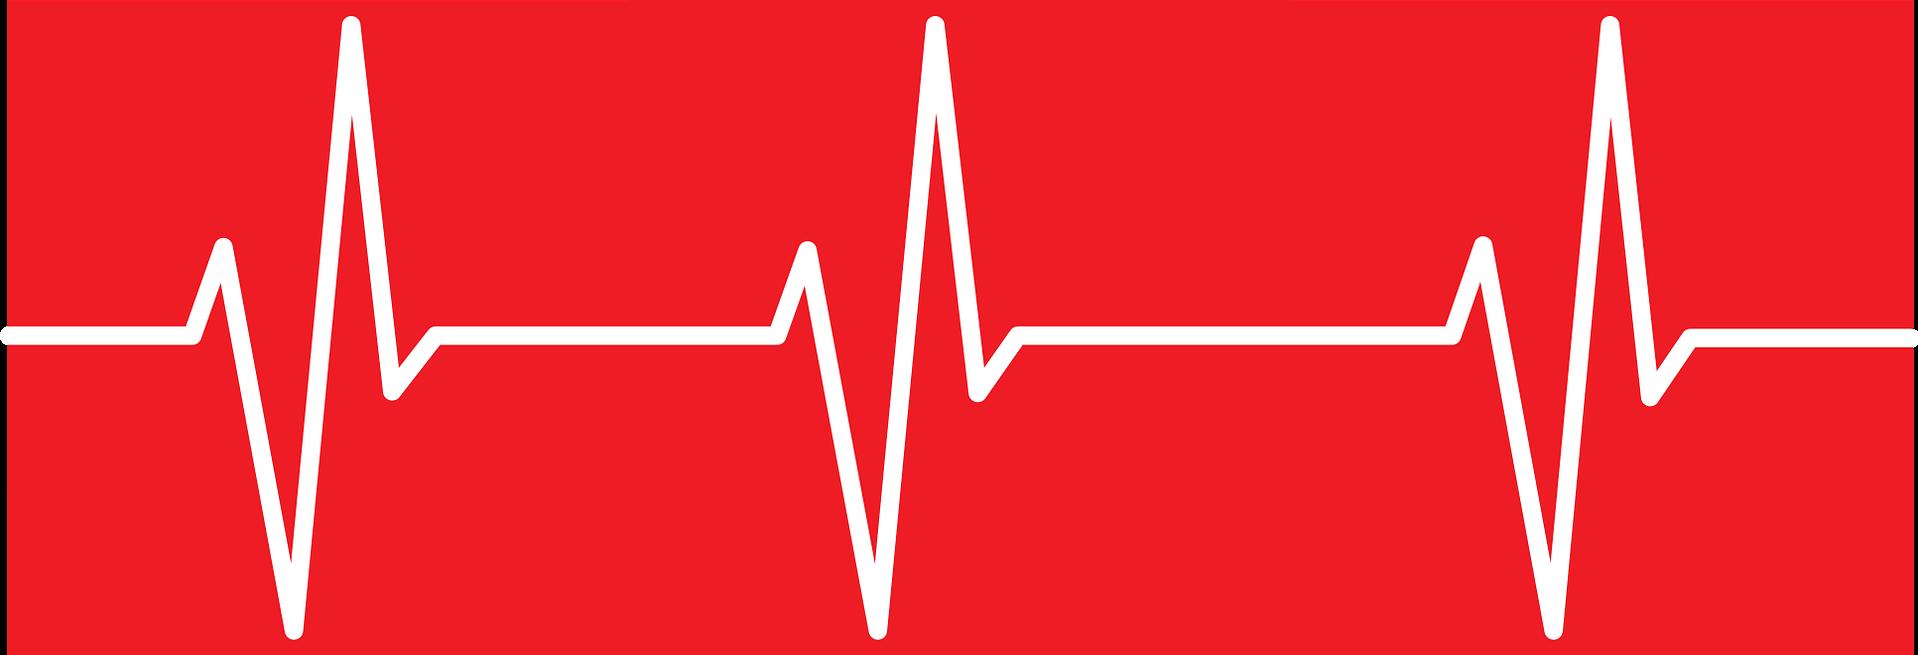 rythme cardiaque sur un fond rouge